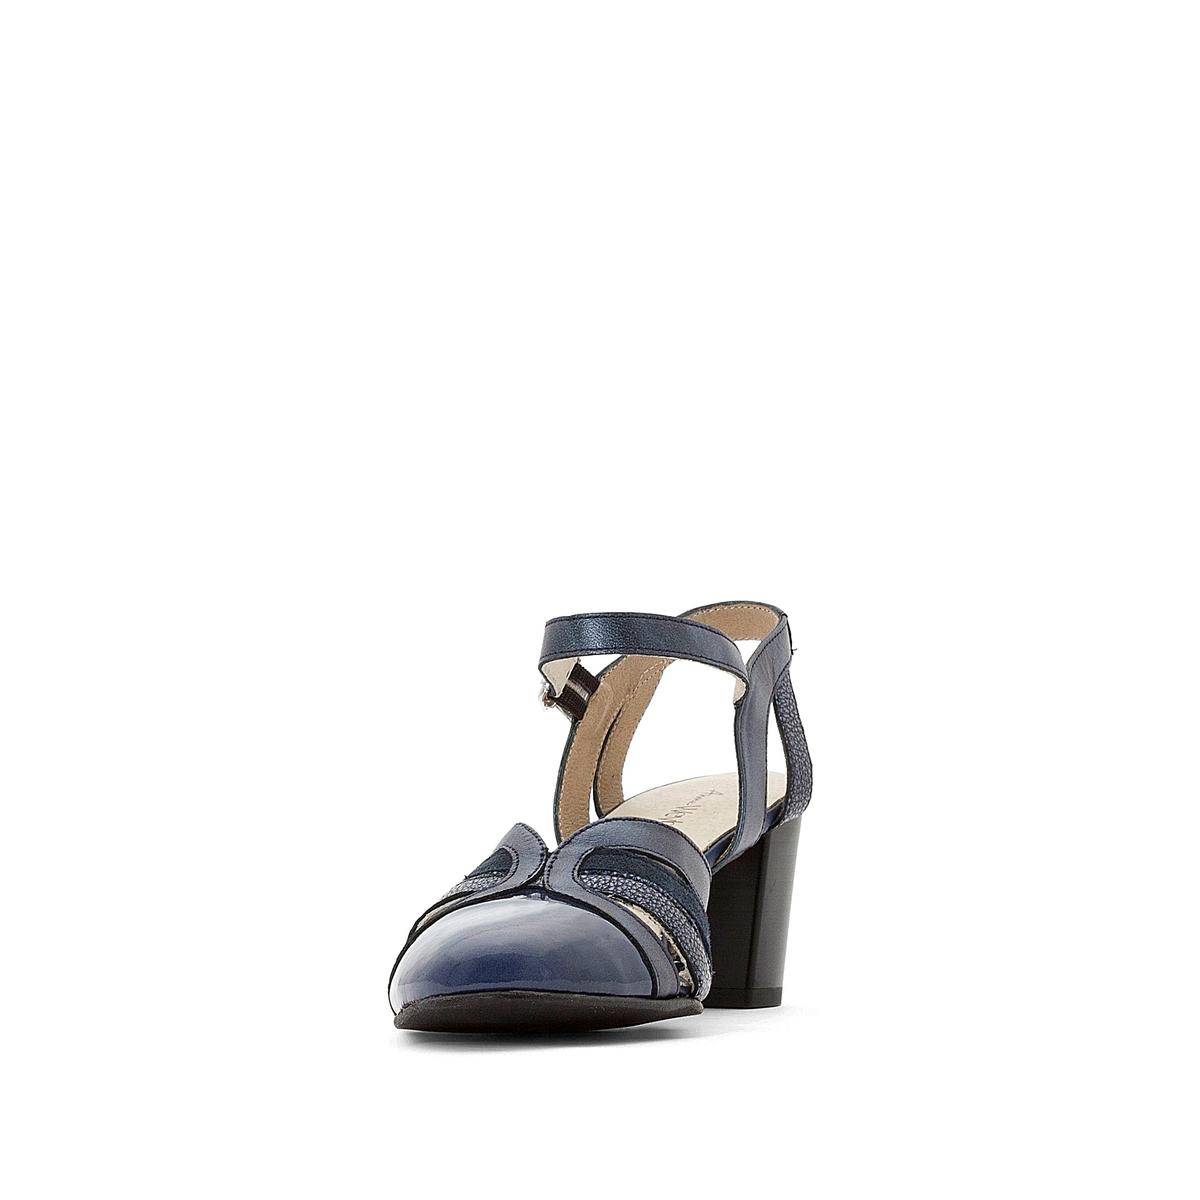 Imagen secundaria de producto de Zapatos de tacón - Anne weyburn